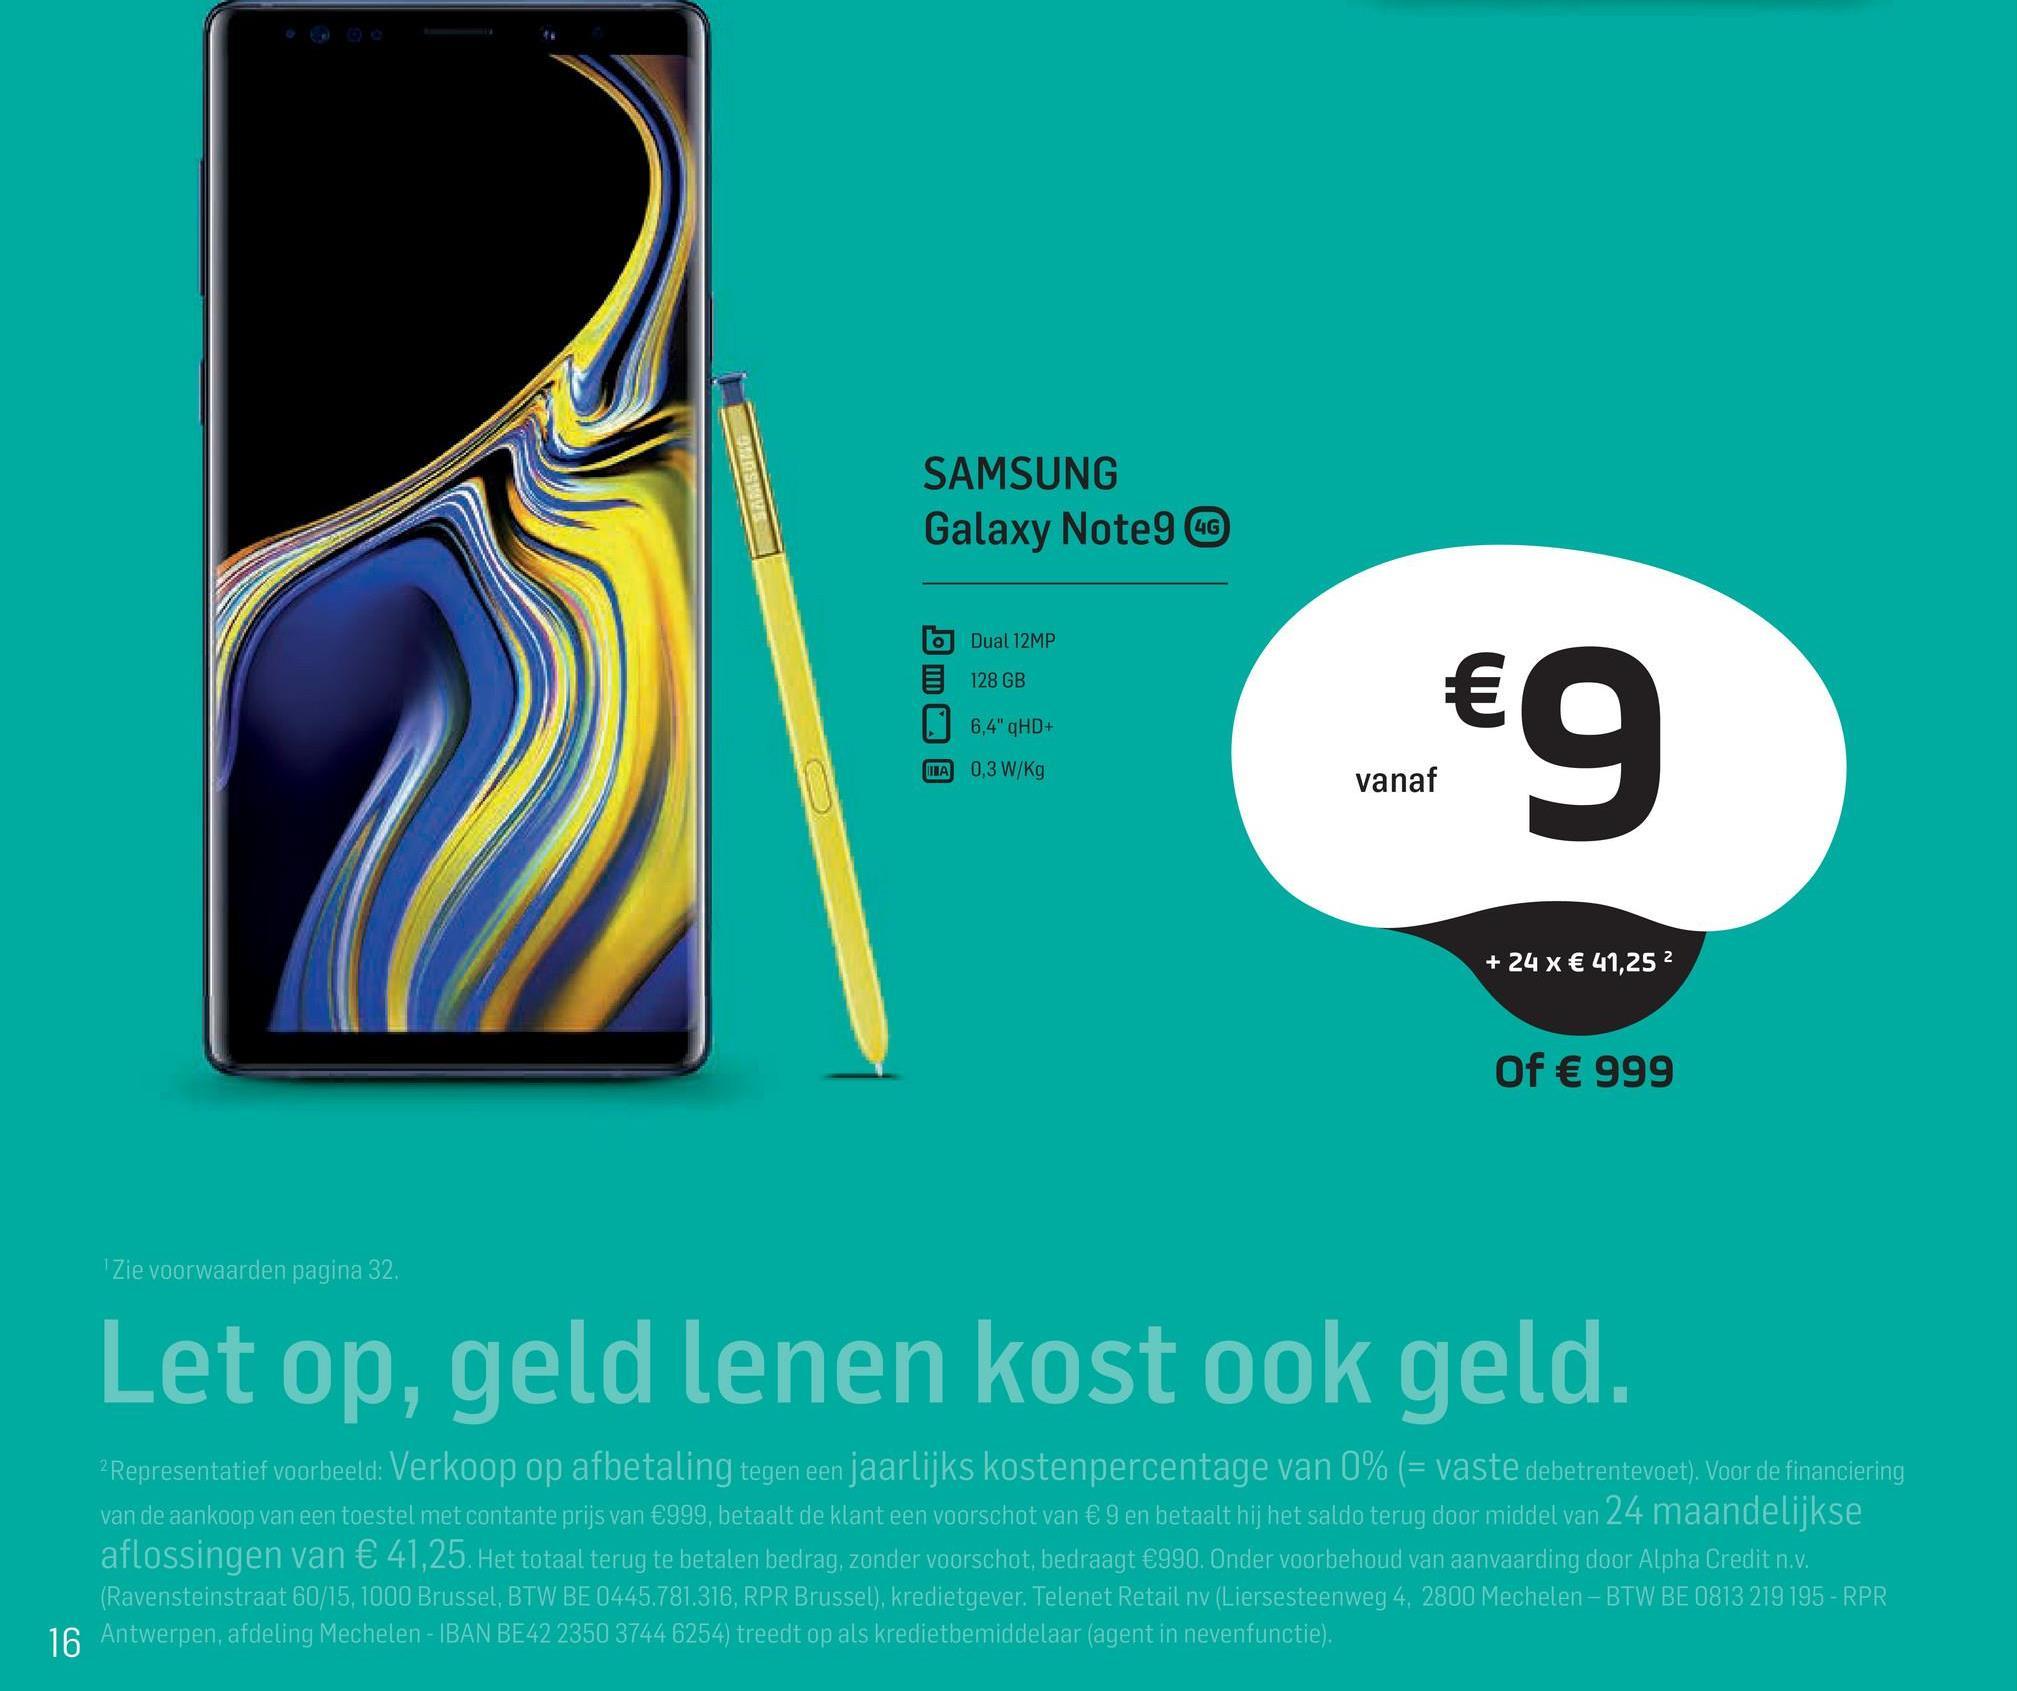 """SAMSUNG Galaxy Note 4 Dual 12MP 128 GB   6,4"""" qHD+ TA 0,3 W/Kg €9 vanaf + 24 x € 41,252 Of € 999 """"Zie voorwaarden pagina 32. Let op, geld lenen kost ook geld. 2 Representatief voorbeeld: Verkoop op afbetaling tegen een jaarlijks kostenpercentage van 0% (= vaste debetrentevoet). Voor de financiering van de aankoop van een toestel met contante prijs van €999, betaalt de klant een voorschot van € 9 en betaalt hij het saldo terug door middel van 24 maandelijkse aflossingen van € 41,25. Het totaal terug te betalen bedrag, zonder voorschot, bedraagt €990. Onder voorbehoud van aanvaarding door Alpha Credit n.v. (Ravensteinstraat 60/15, 1000 Brussel, BTW BE 0445.781.316, RPR Brussel), kredietgever. Telenet Retail nv (Liersesteenweg 4, 2800 Mechelen - BTW BE 0813 219 195-RPR 16 Antwerpen, afdeling Mechelen - IBAN BE42 2350 3744 6254) treedt op als kredietbemiddelaar (agent in nevenfunctie)."""